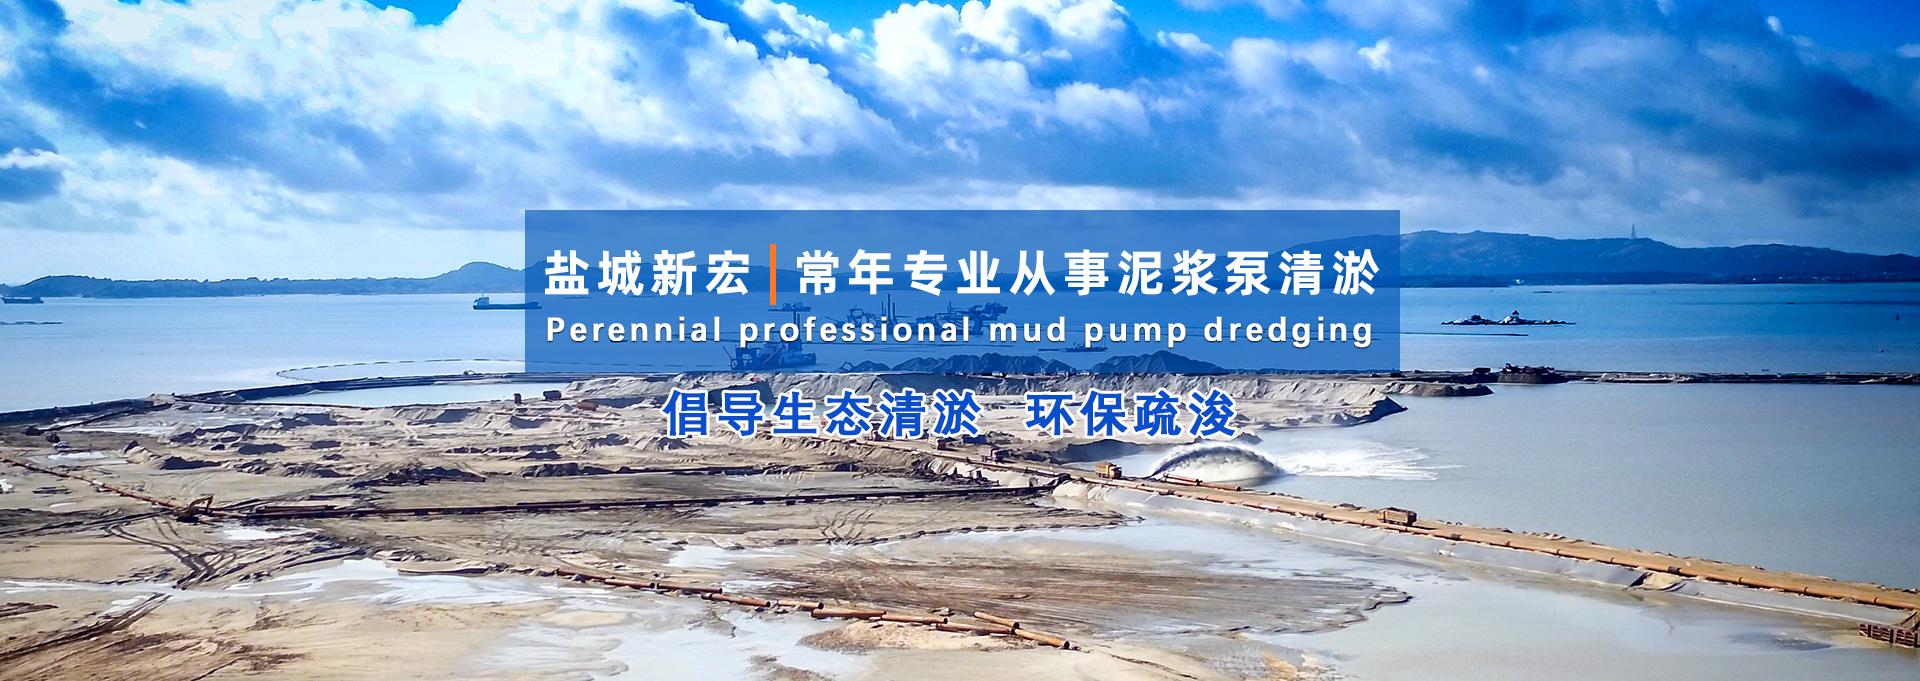 淤泥固化公司